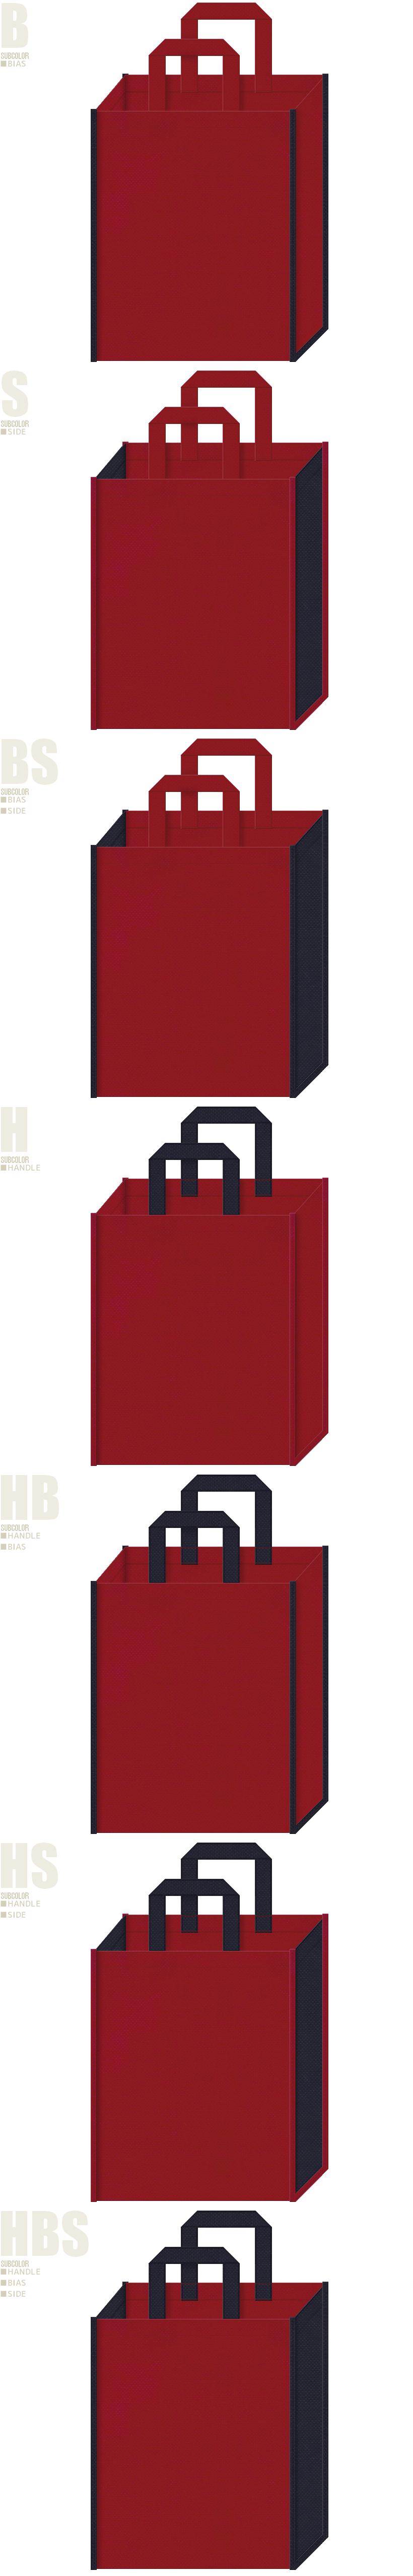 デニム・カジュアル・ラガーシャツ・スポーツイベントにお奨めの不織布バッグデザイン:エンジ色と濃紺色の配色7パターン